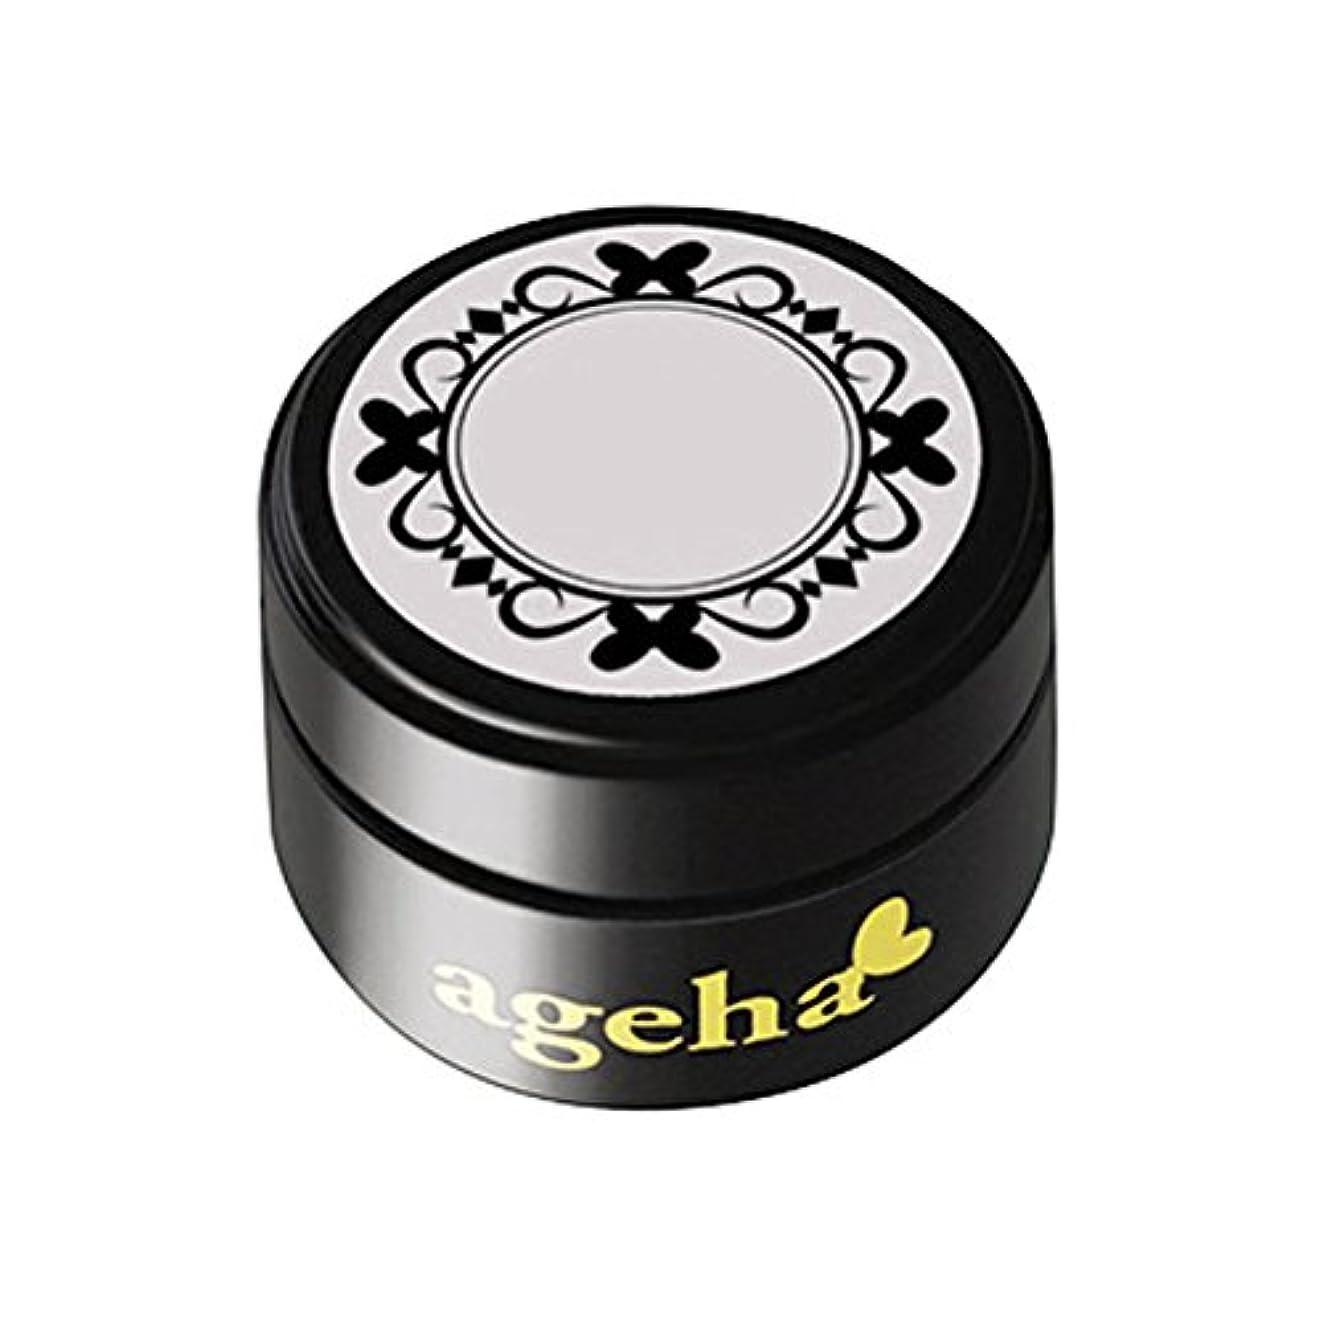 アーカイブ頑固な幾分ageha gel カラージェル コスメカラー 204 ビターチョコレート 2.7g UV/LED対応